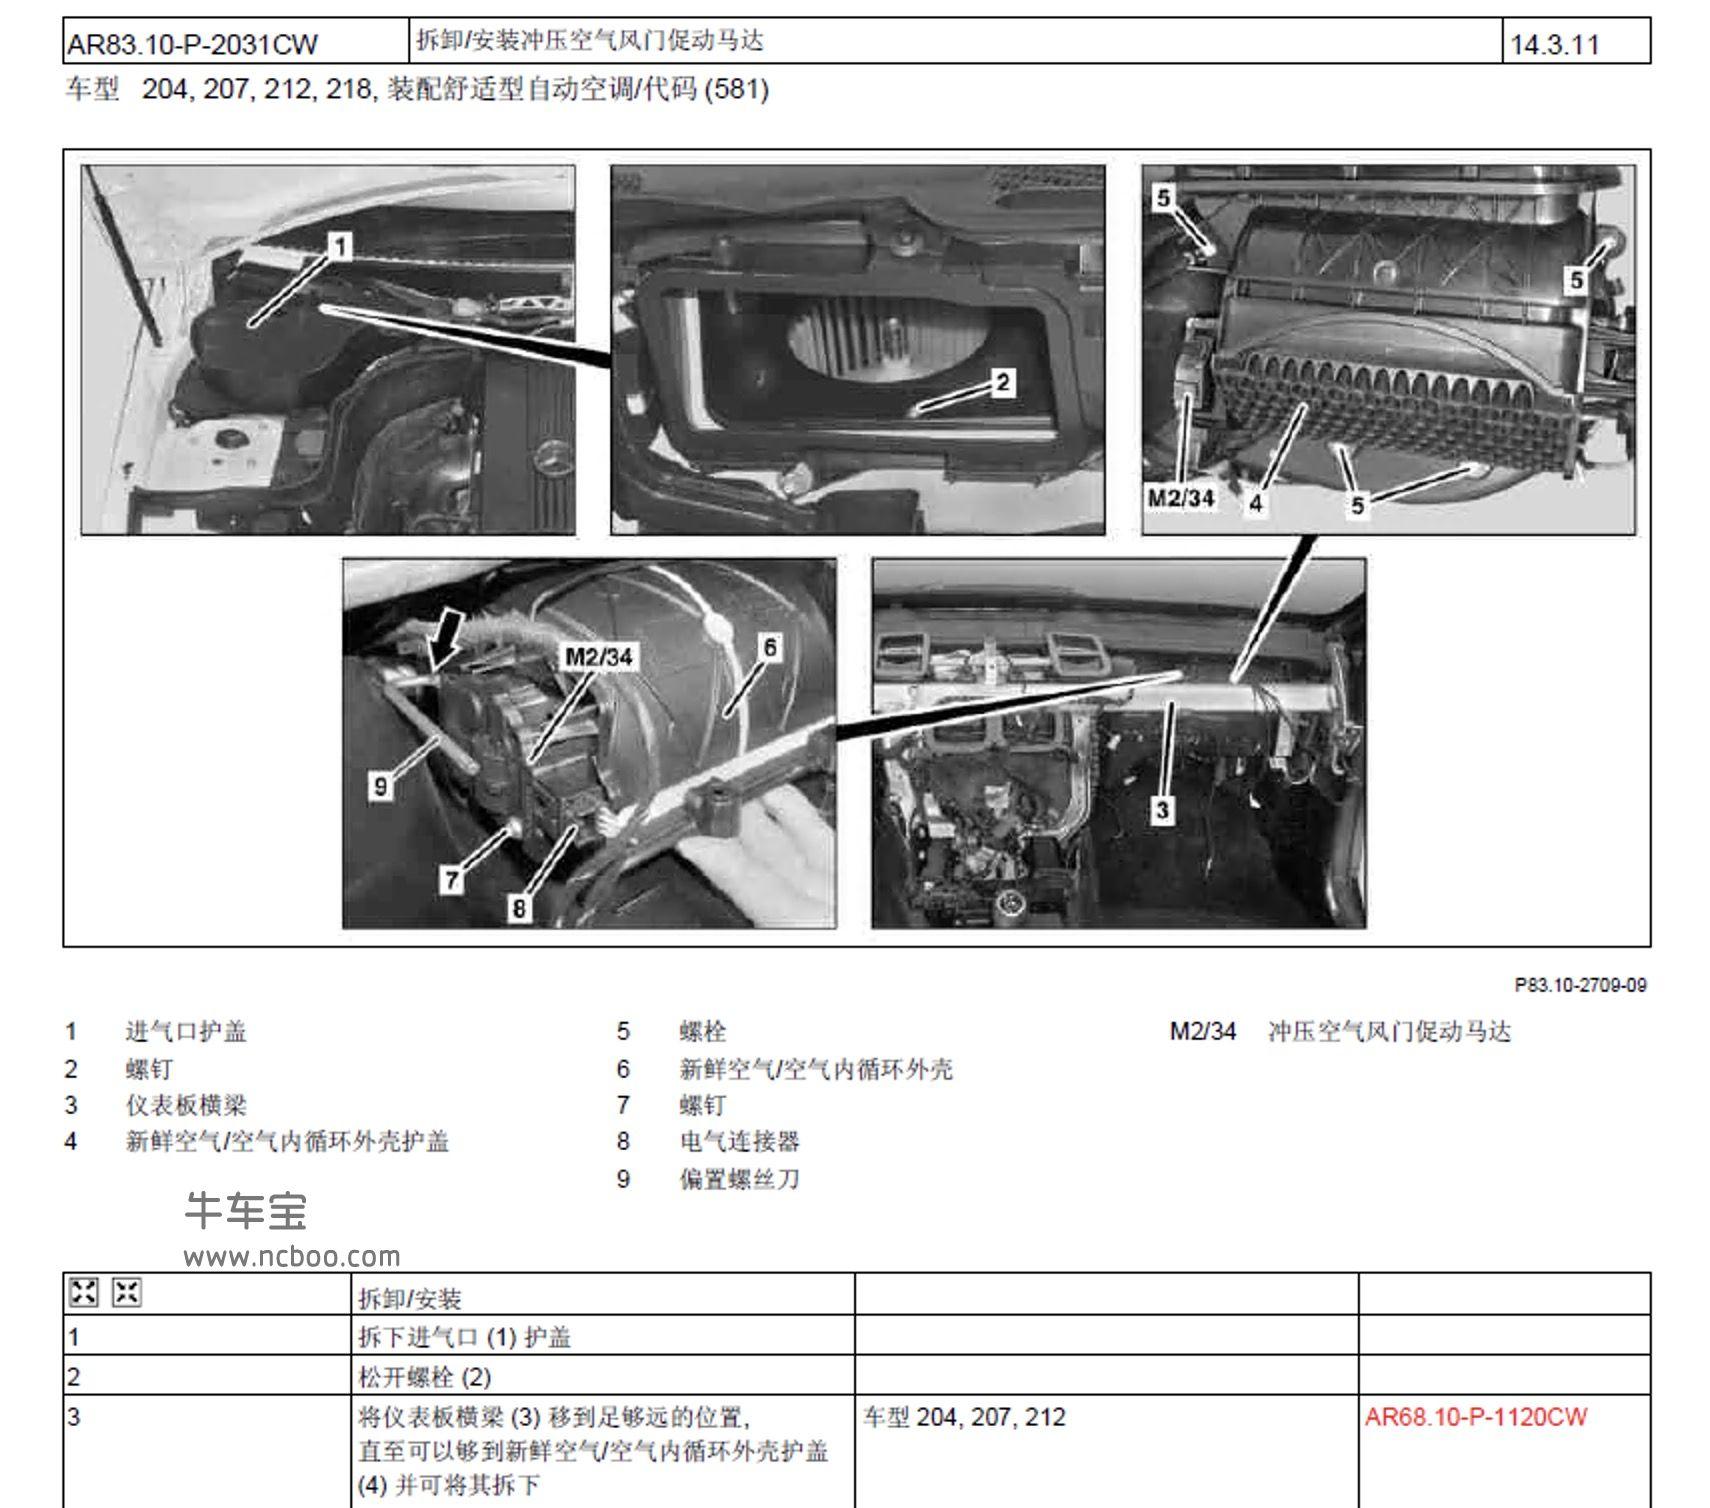 2008-2010款奔驰C230,2.5L原厂维修手册和电路图